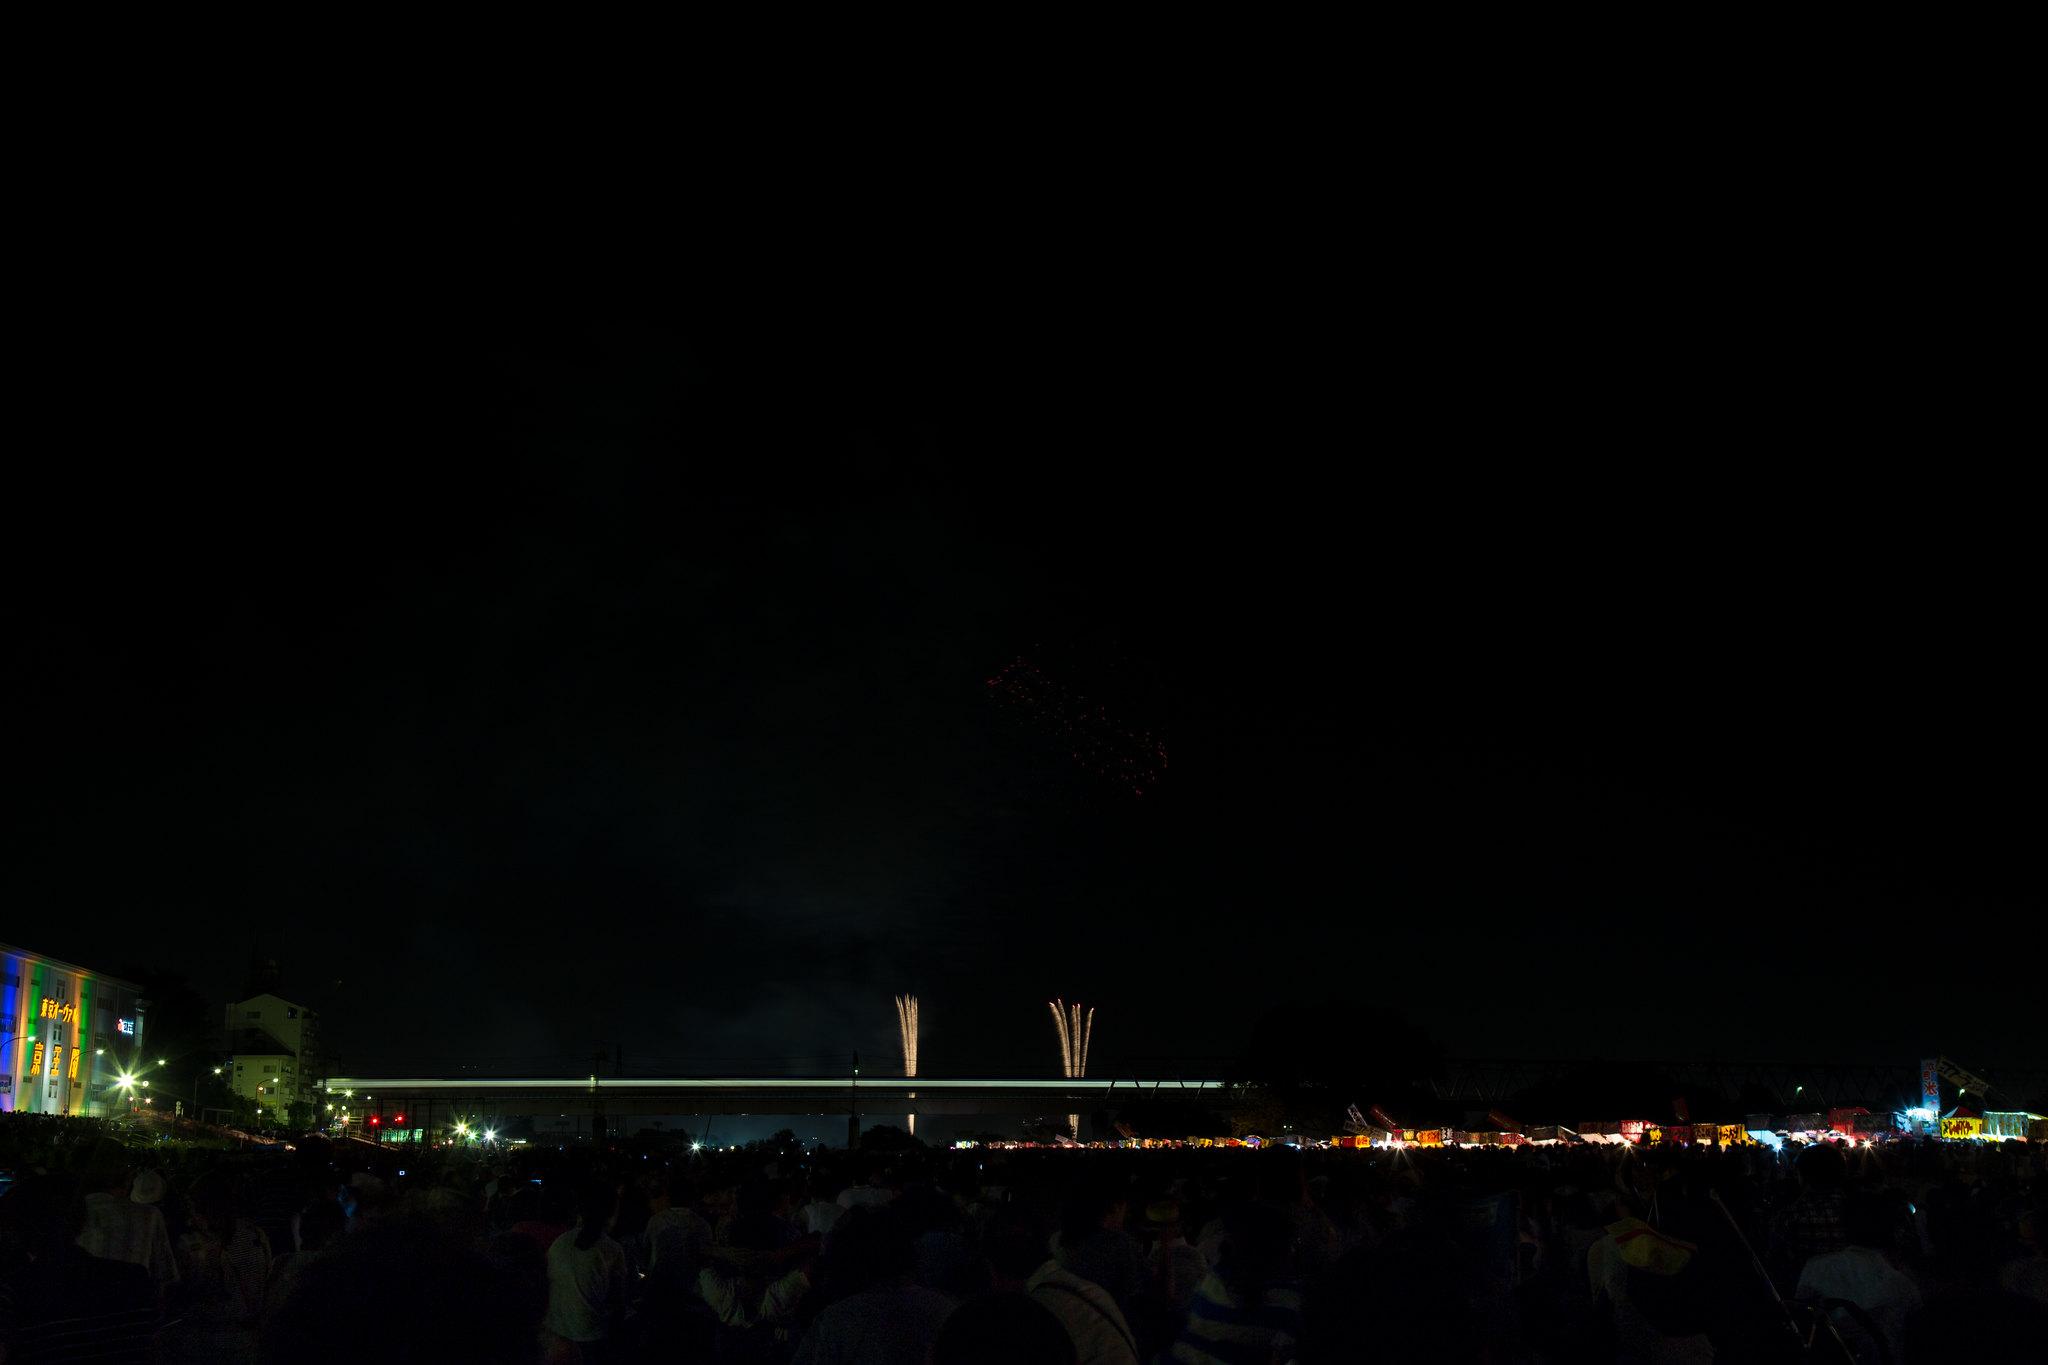 2015-08-22 調布花火大会 003